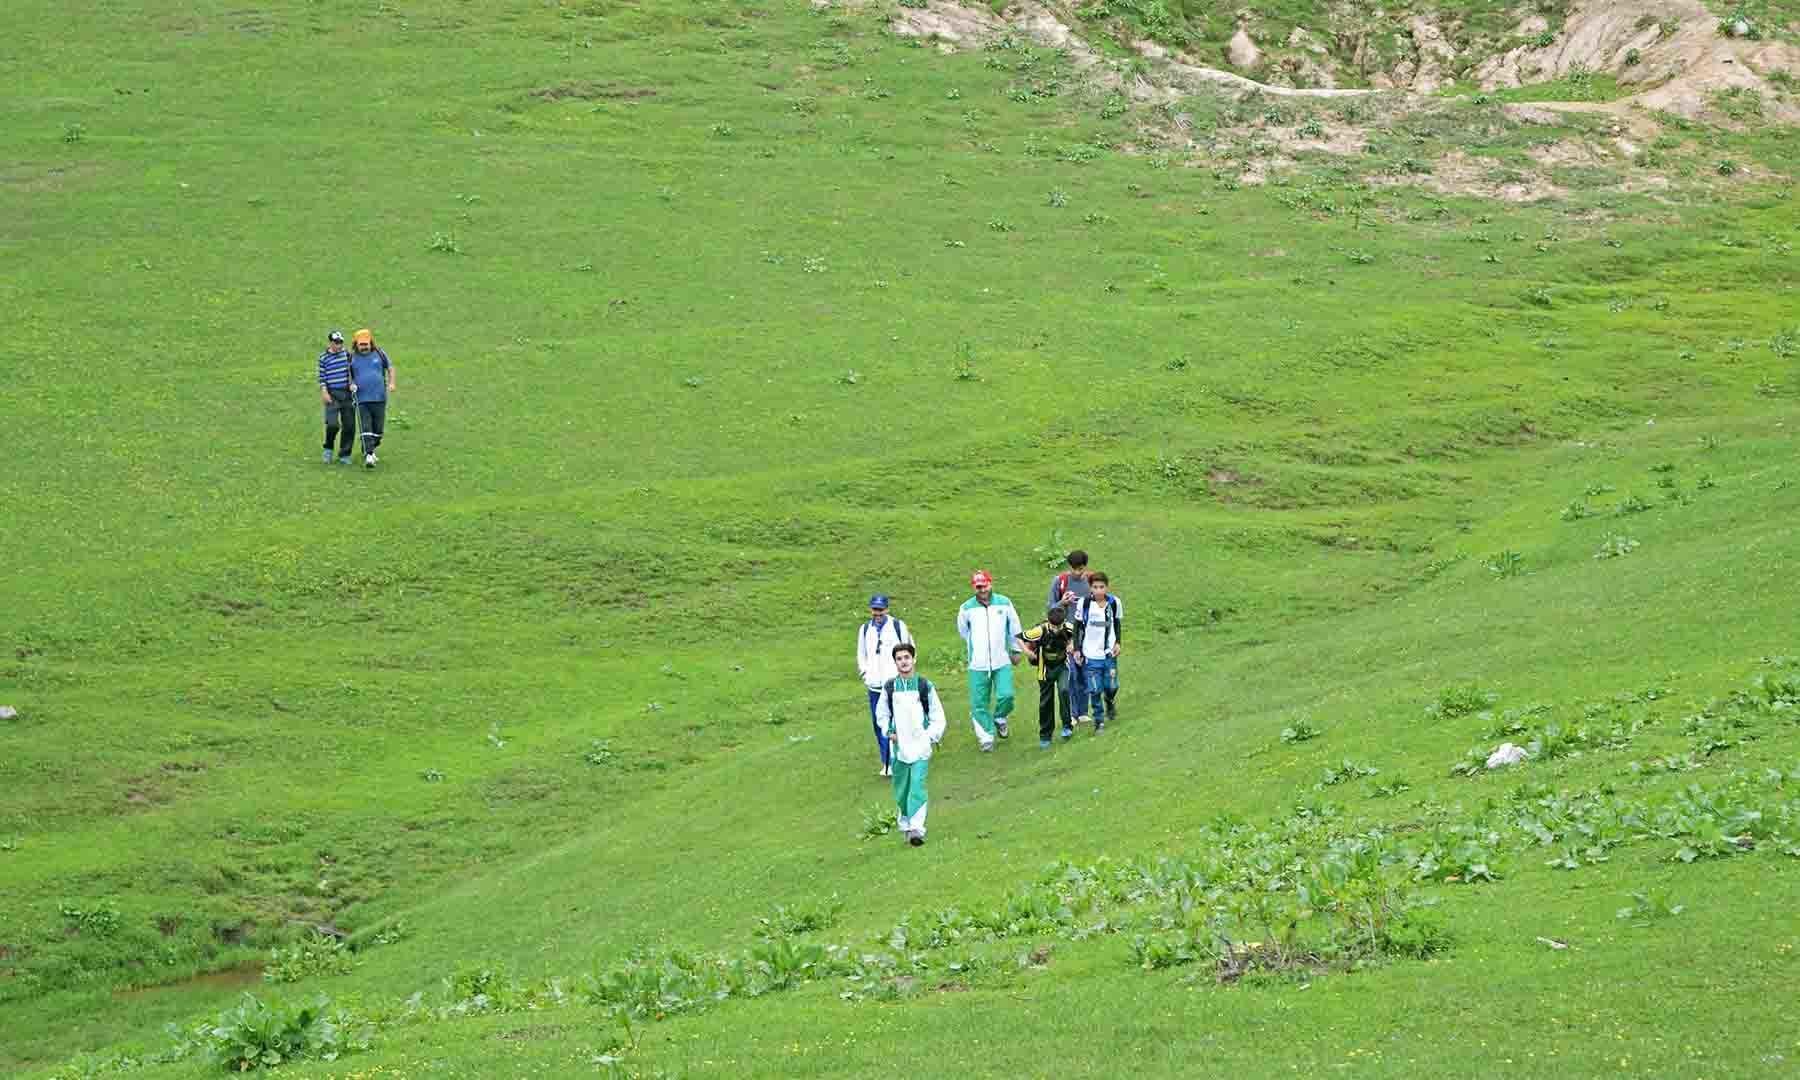 دربونہ کے کھلے میدان کا ایک منظر— تصویر امجد علی سحاب